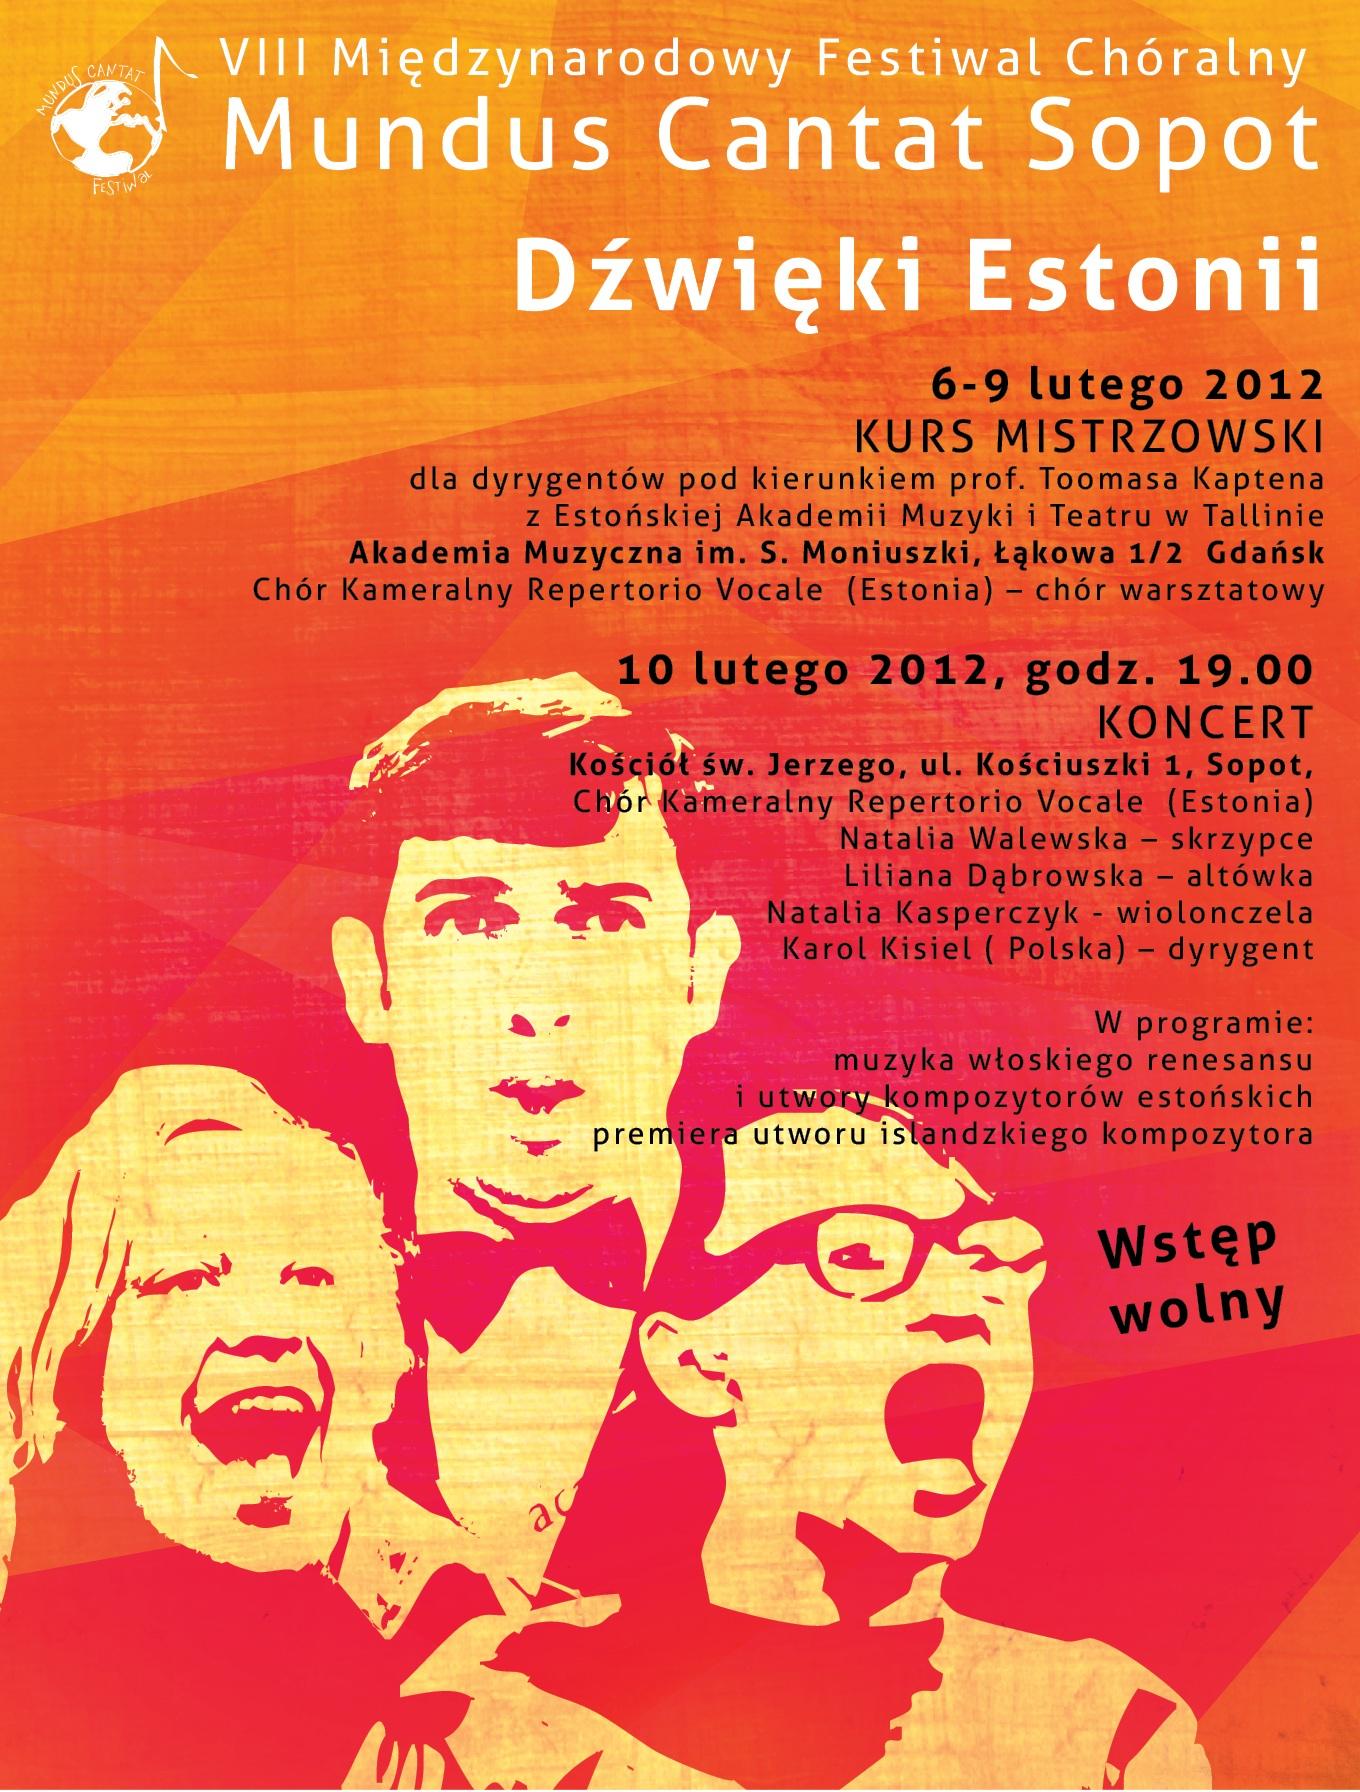 VIII Międzynarodowy Festiwal Chóralny Mundus Cantat w Sopocie (źródło: materiał prasowy)